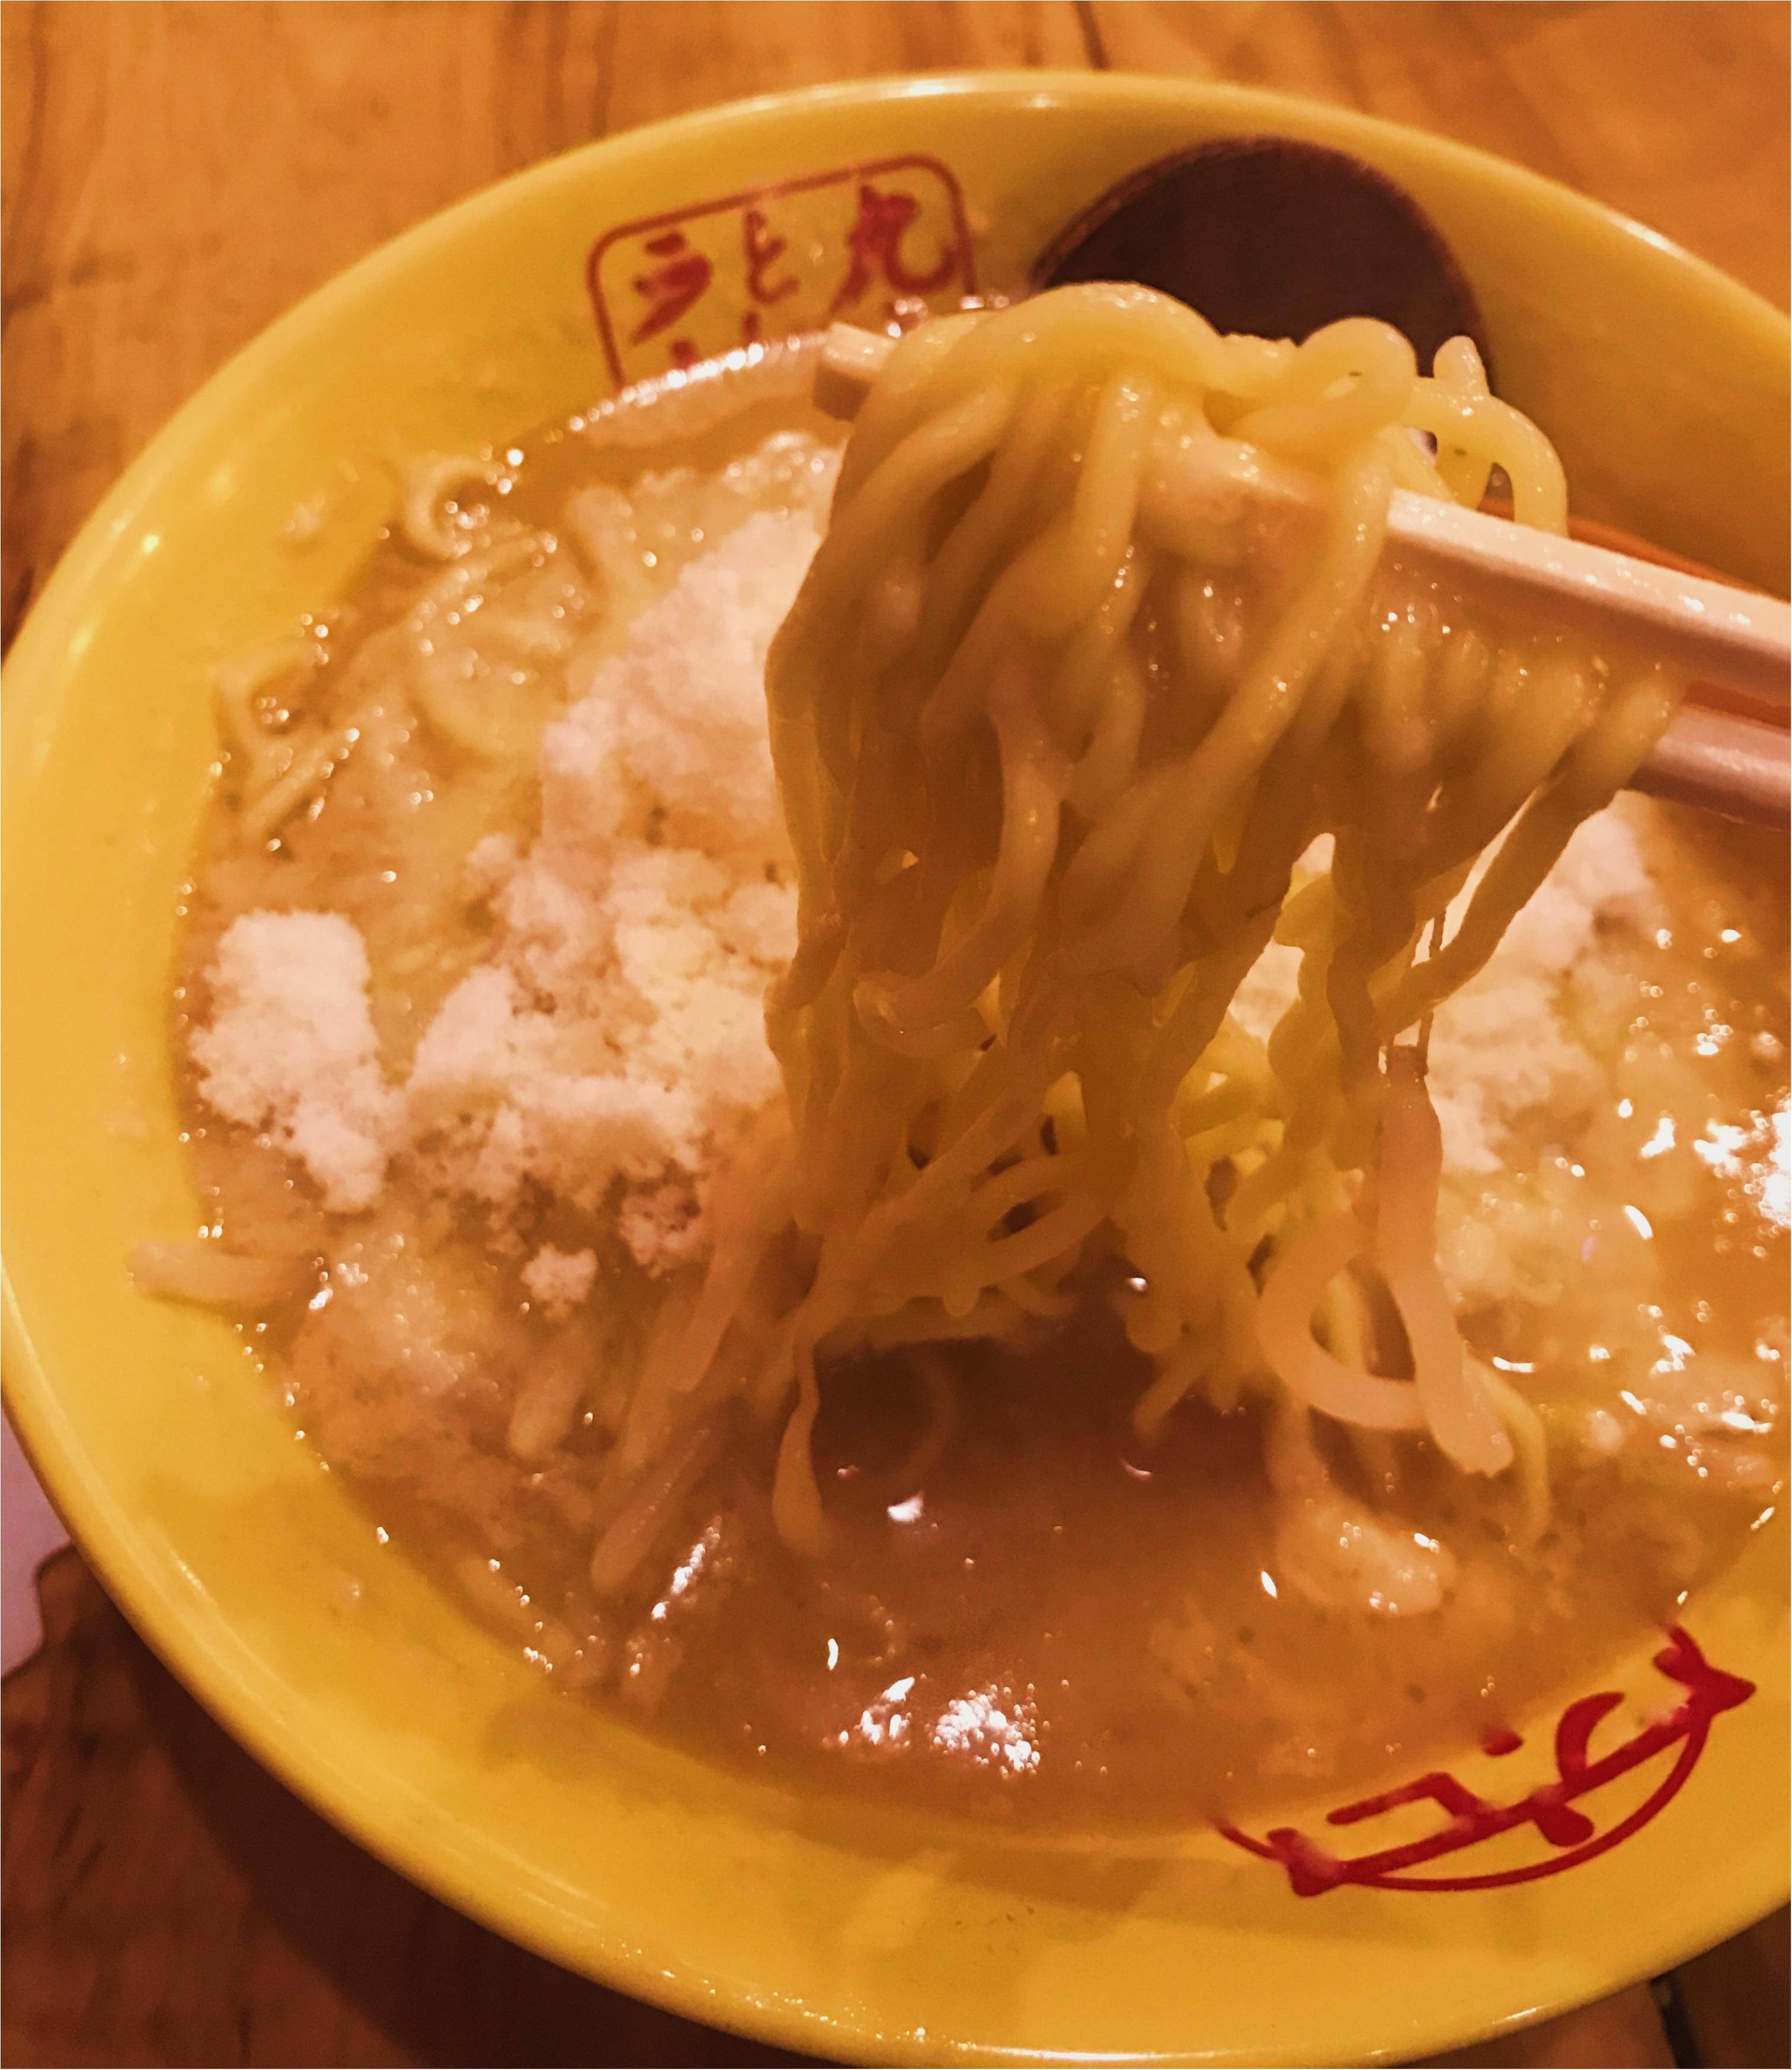 《チーズ好き必見‼︎》北海道十勝ゴールデンゴーダチーズ使用!激うまな『チーズラーメン』を食べてみた♡_3